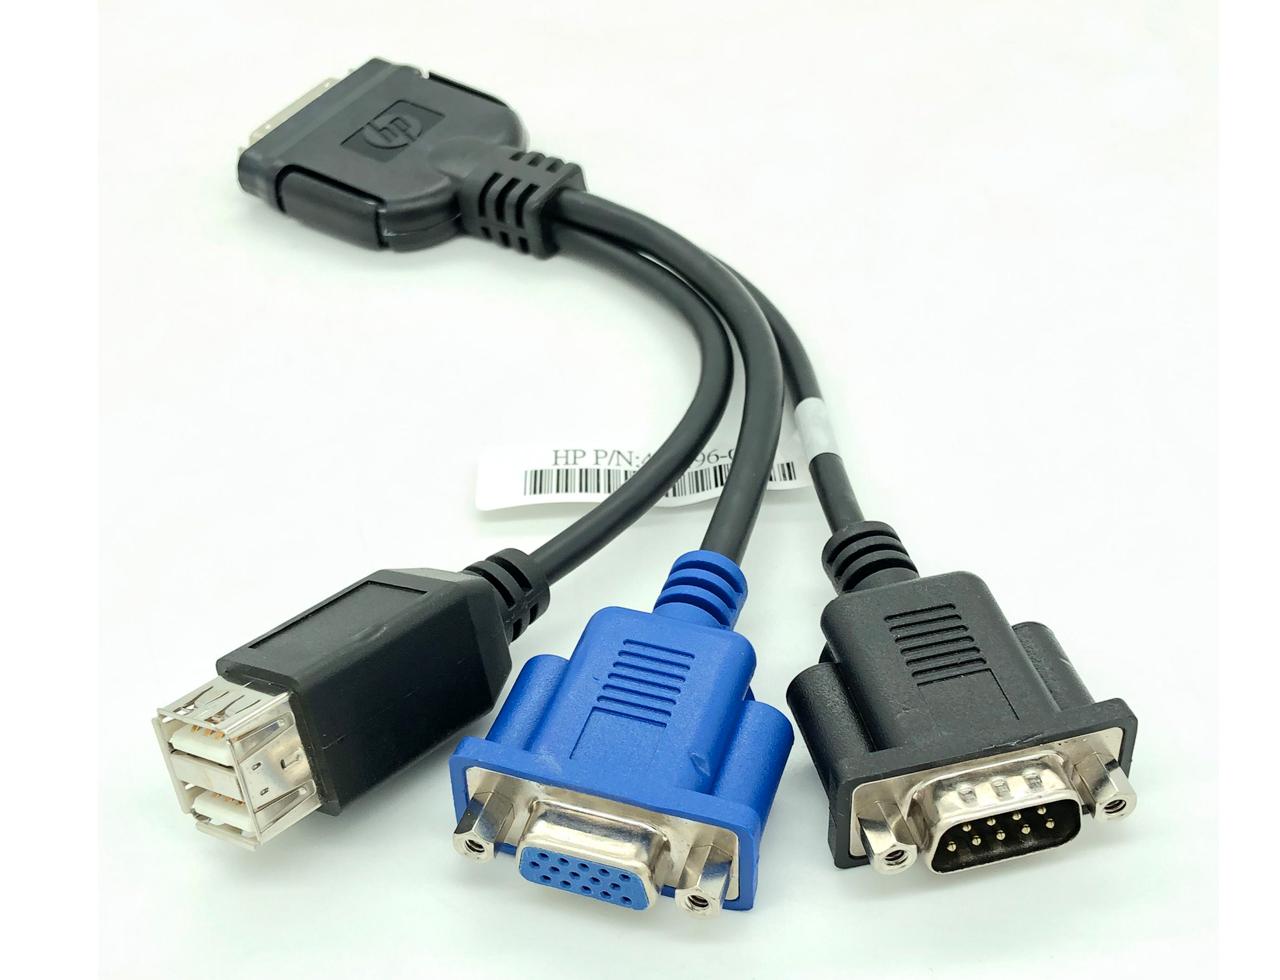 售完HP惠普 C3000 C7000刀片机箱服务器小辫子409496-001 416003-001